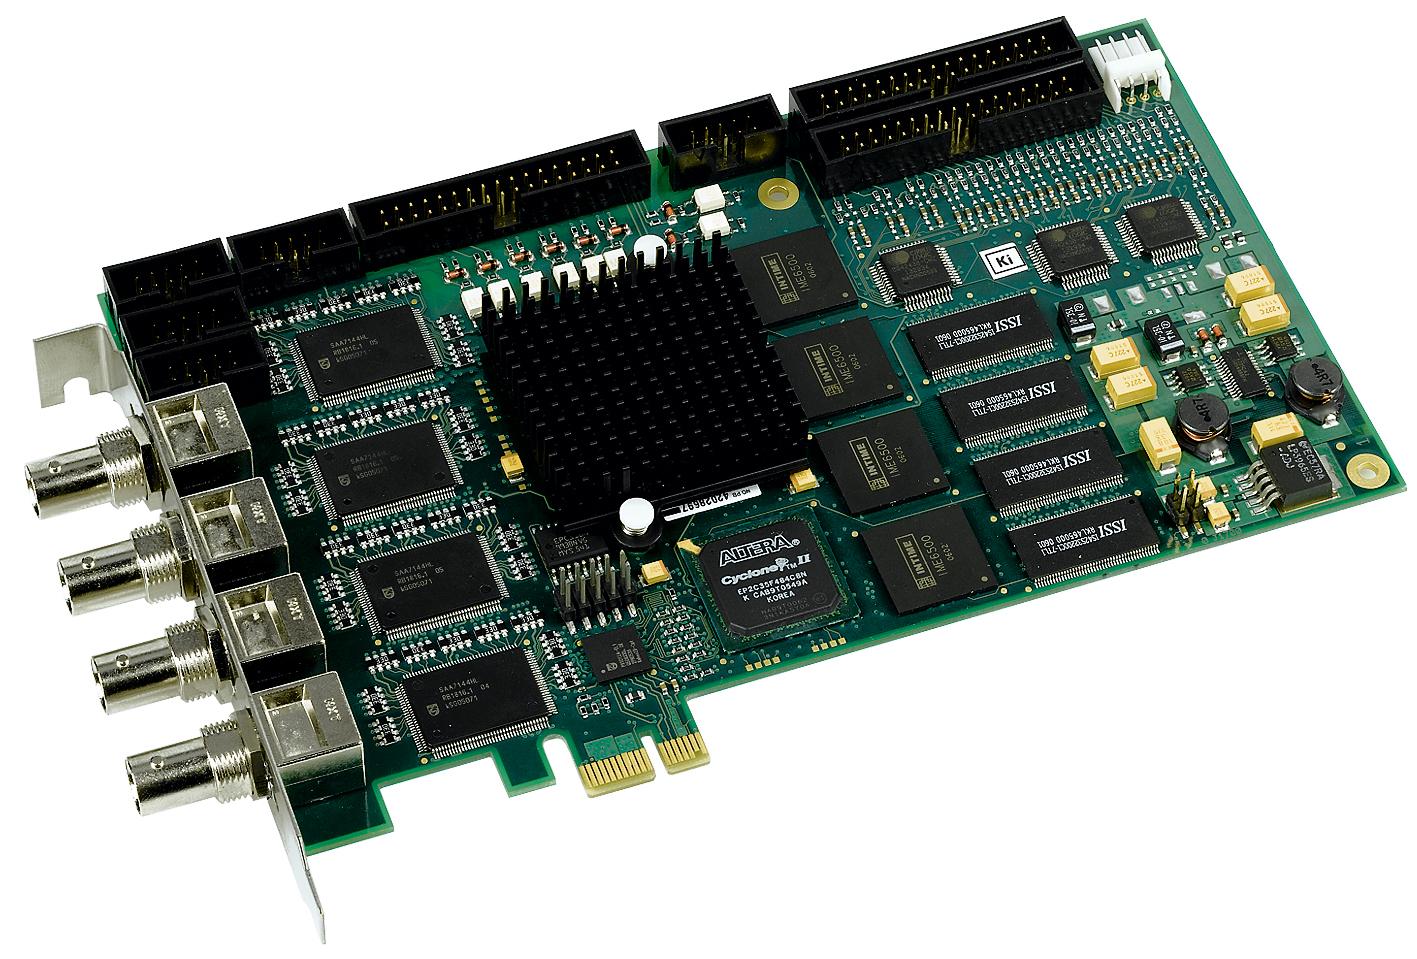 ELTEC bietet komplette Framegrabber-Familie für PCI Express